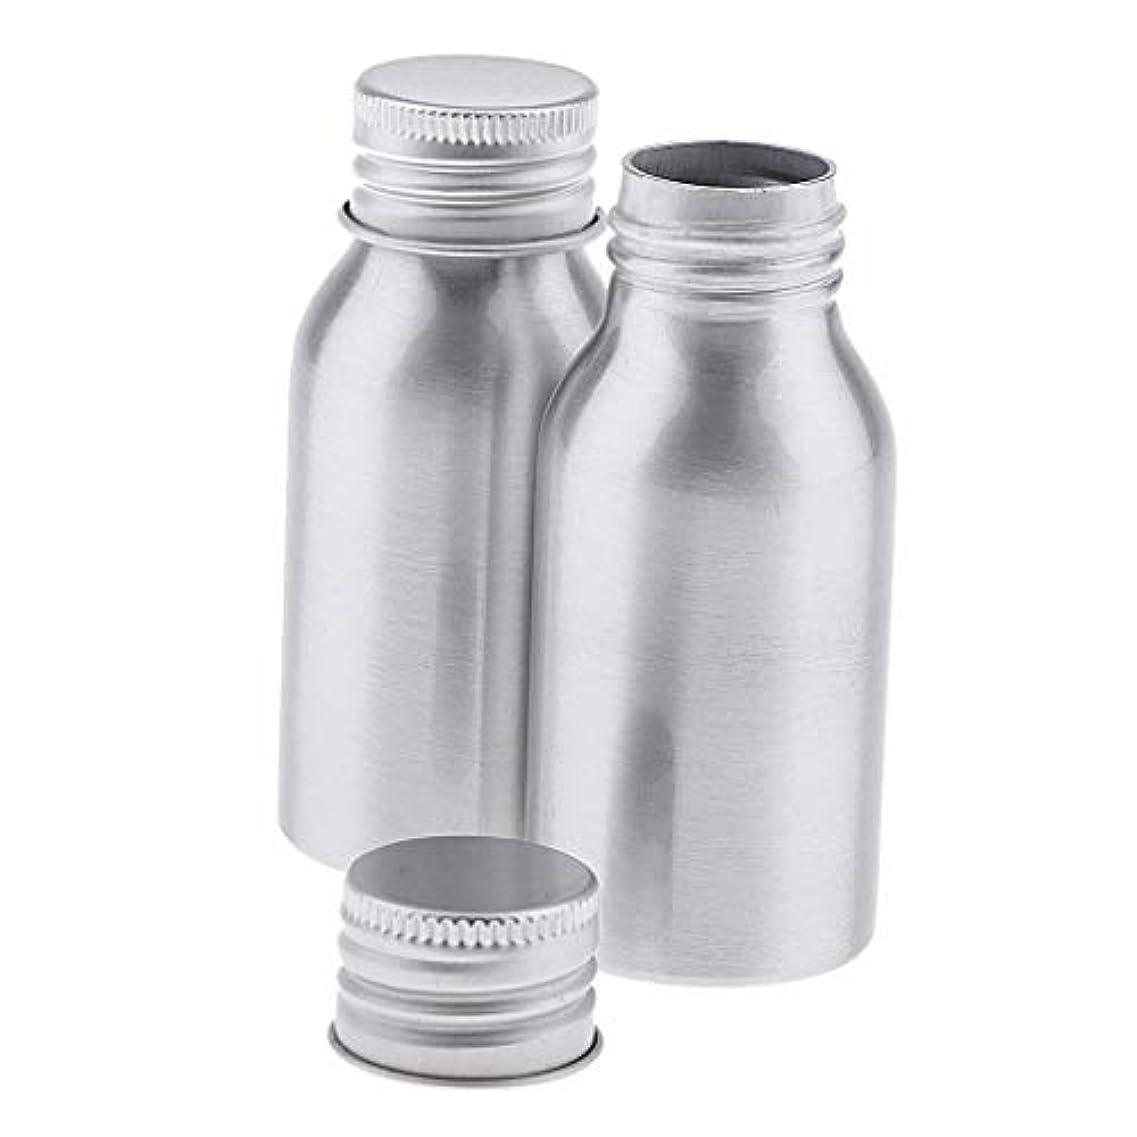 旋回ベーカリー担保Sharplace アルミボトル 40ml DIY コスメ用詰替え容器 旅行 化粧ボトル 2本入り